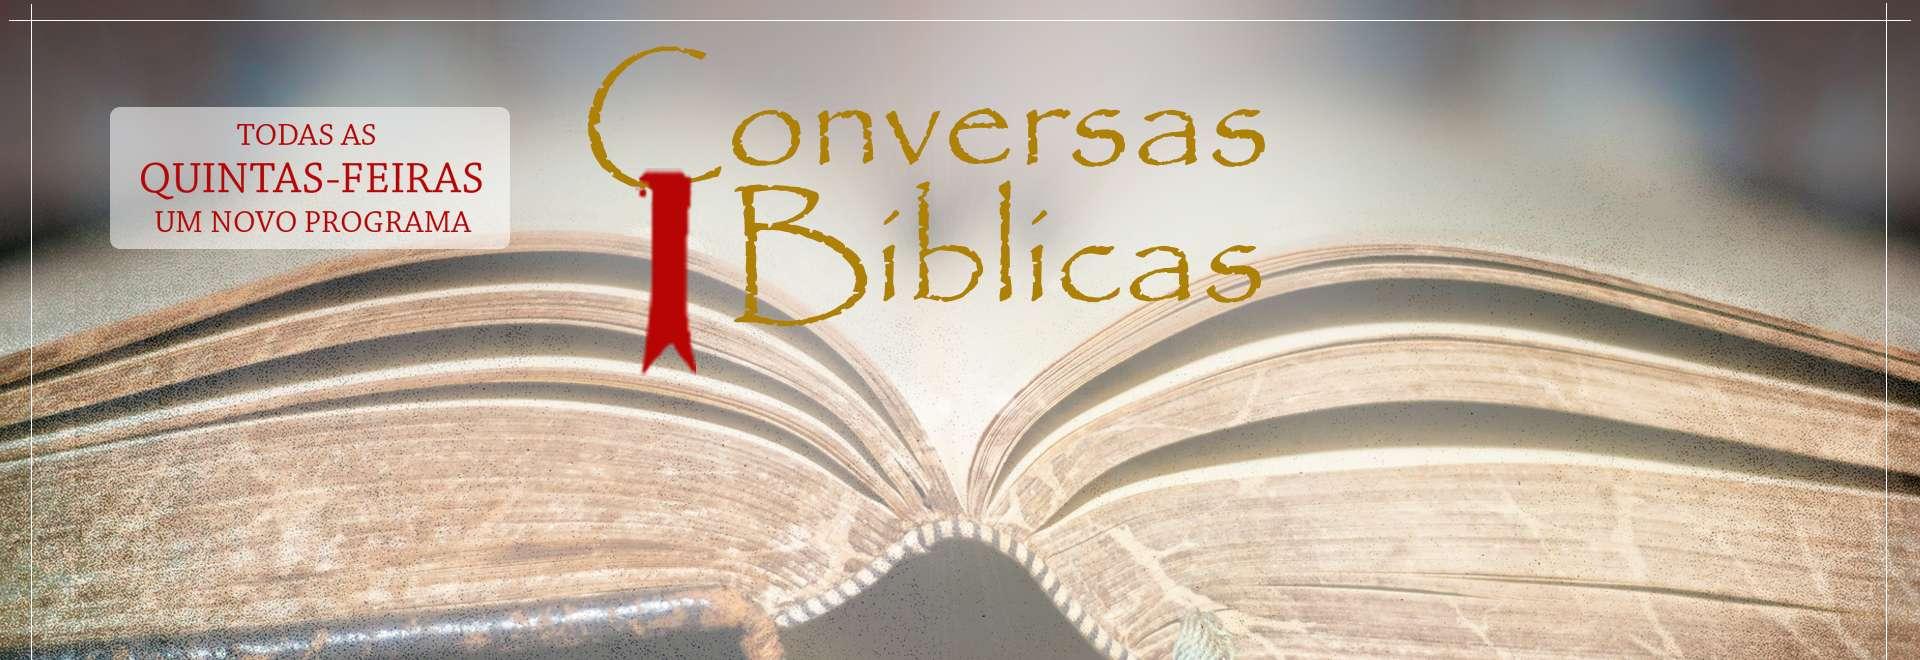 Conversas Bíblicas: Cantares - Israel e a Igreja - Parte 2